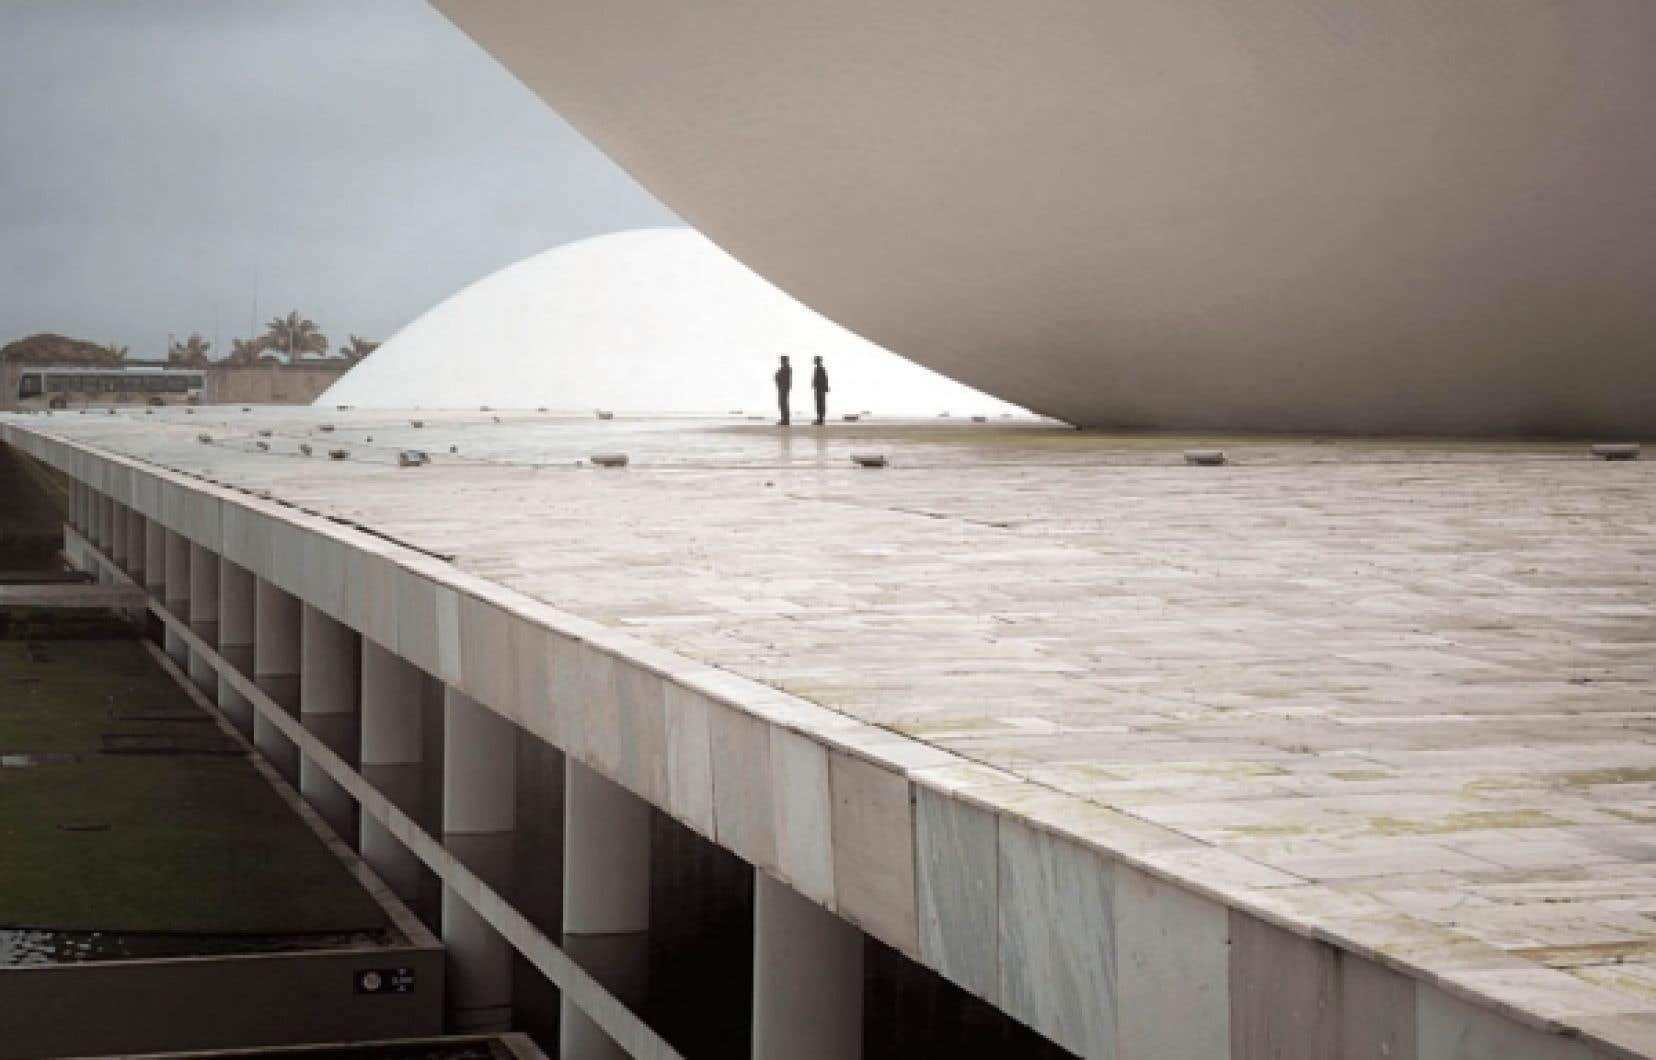 Fabiano Sobreira travaille présentement en partenariat avec le bureau de l'architecte Oscar Niemeyer, à l'origine du bâtiment du Congrès national du Brésil (notre photo).<br />